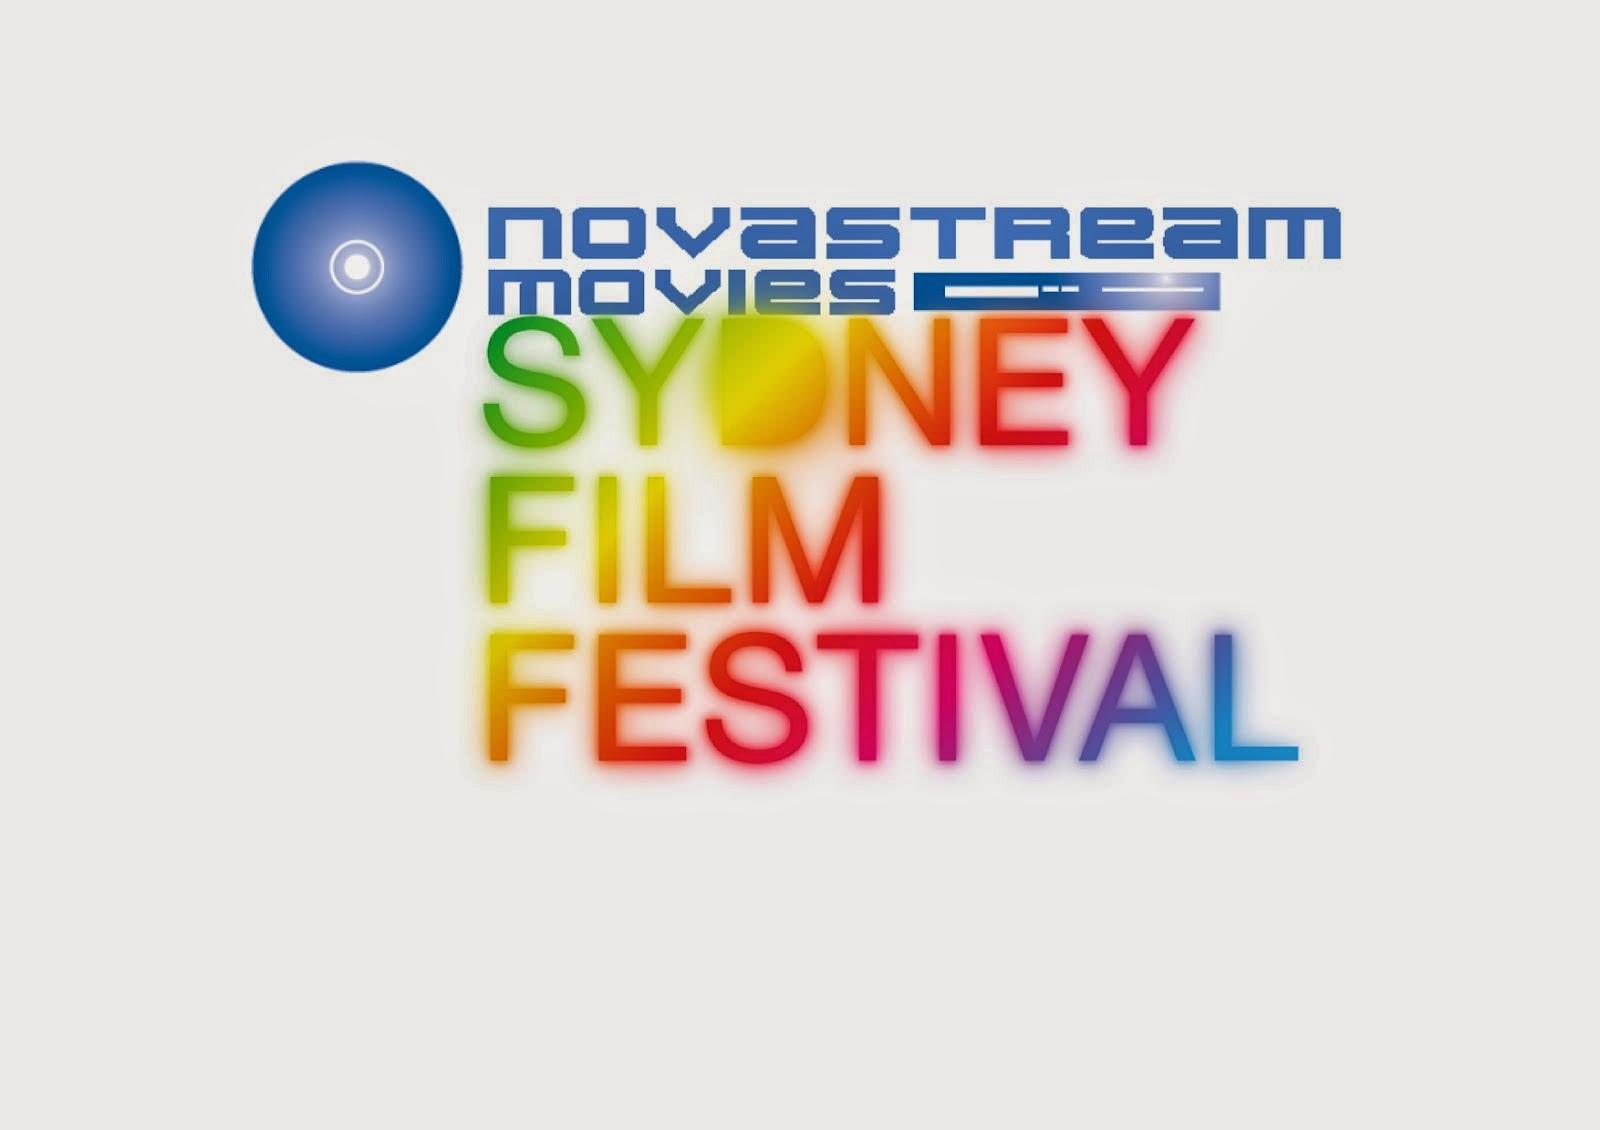 Novastreamovies - Sydney Film Festival